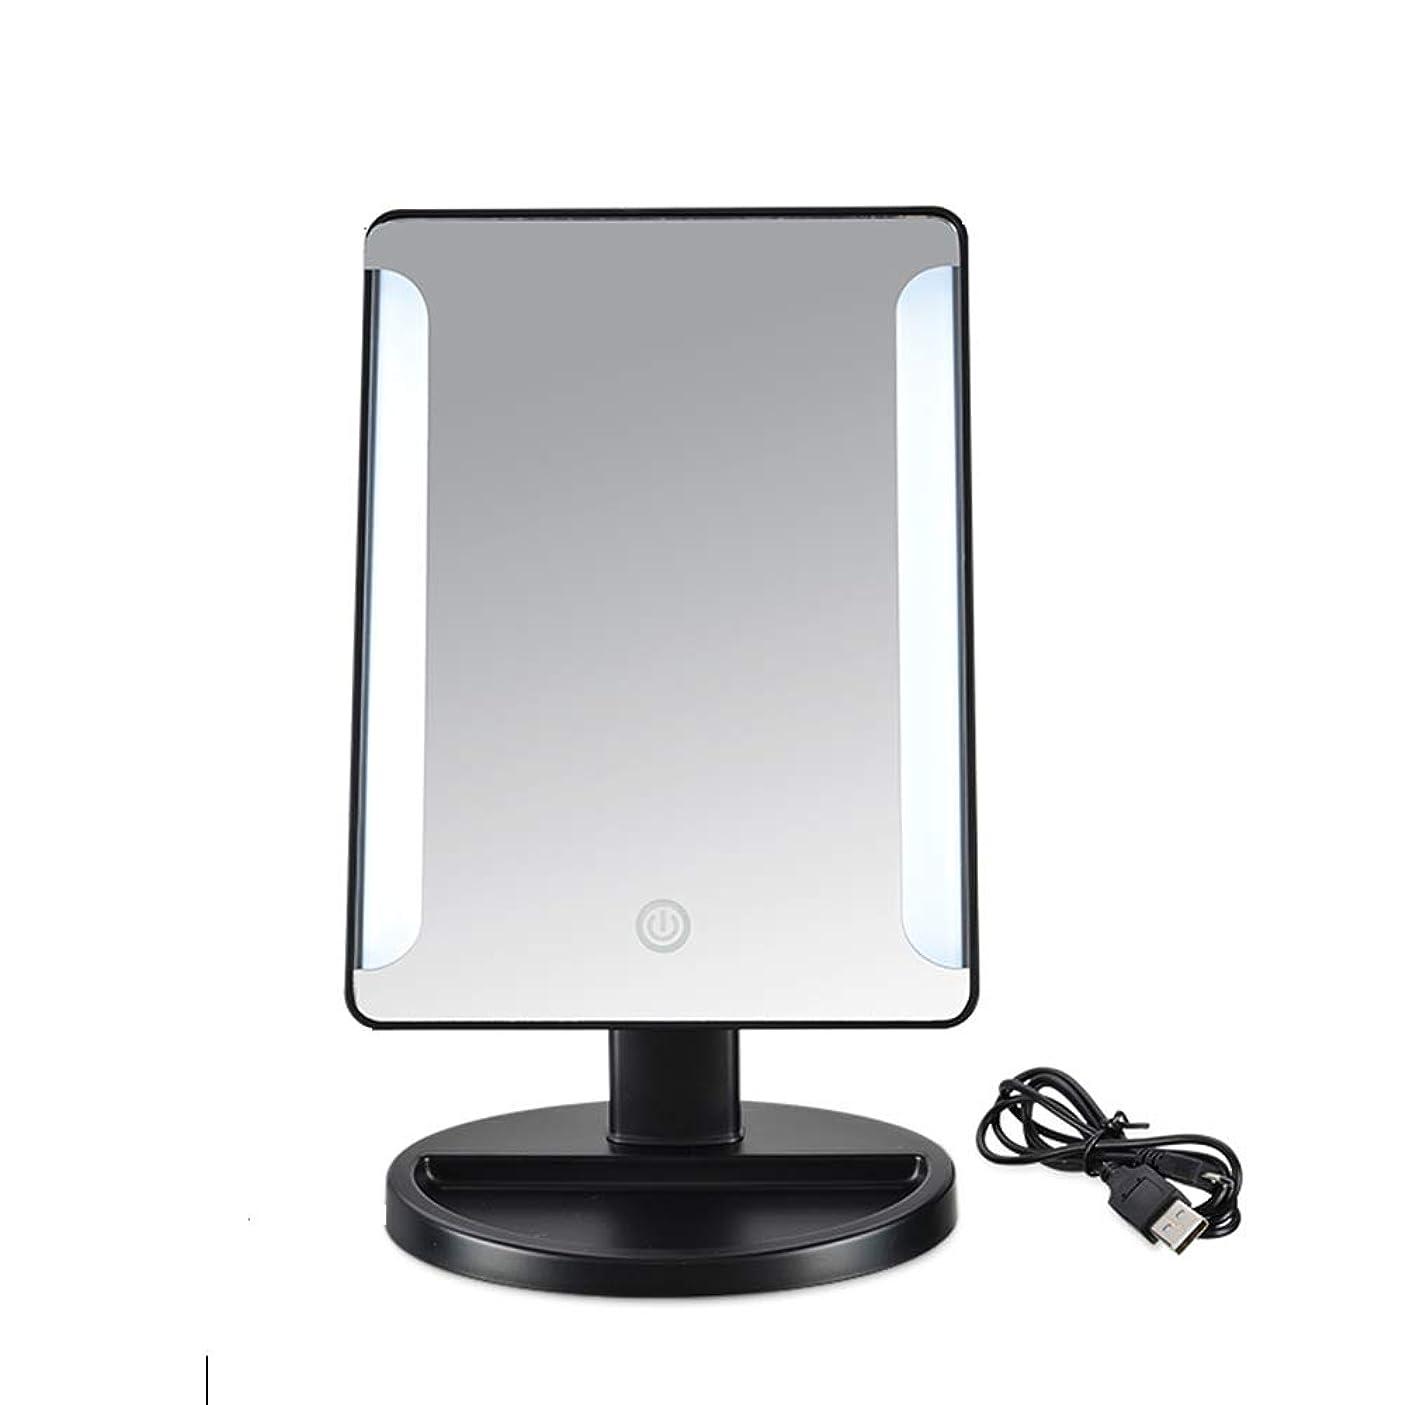 オプショナル不安定な後方にBOZHIJPD LED照明付き化粧鏡、USB充電式、ポータブル化粧品卓上ミラー、タッチ調光対応 化粧台、ホテル (Color : Black)